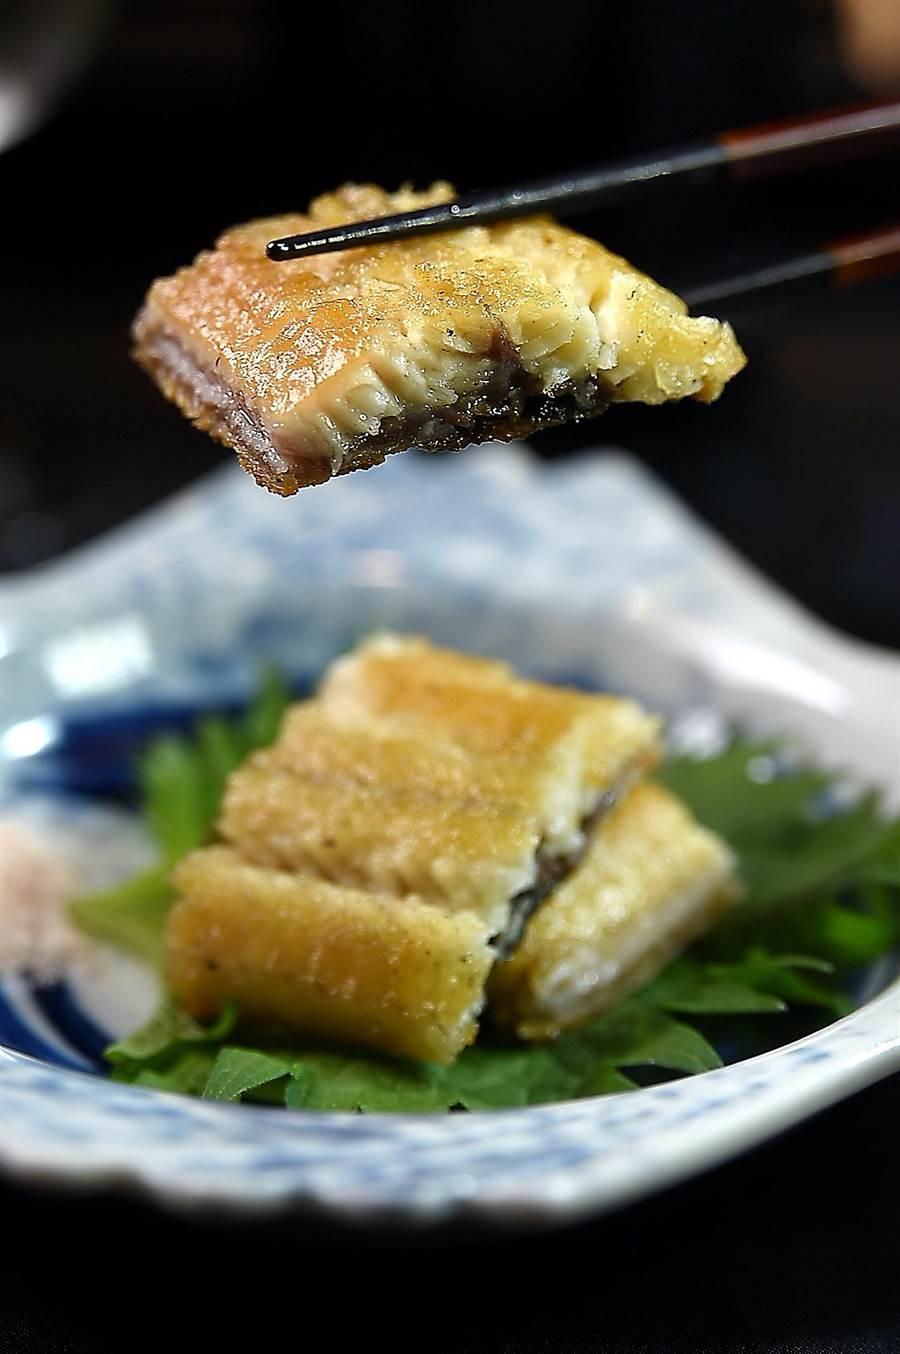 〈初魚料亭〉的菜色有冷有熱、有生有熟,圖中的〈白燒鰻〉帶有脂香,沾點玫瑰鹽提味更能帶出甜味。(圖/姚舜)